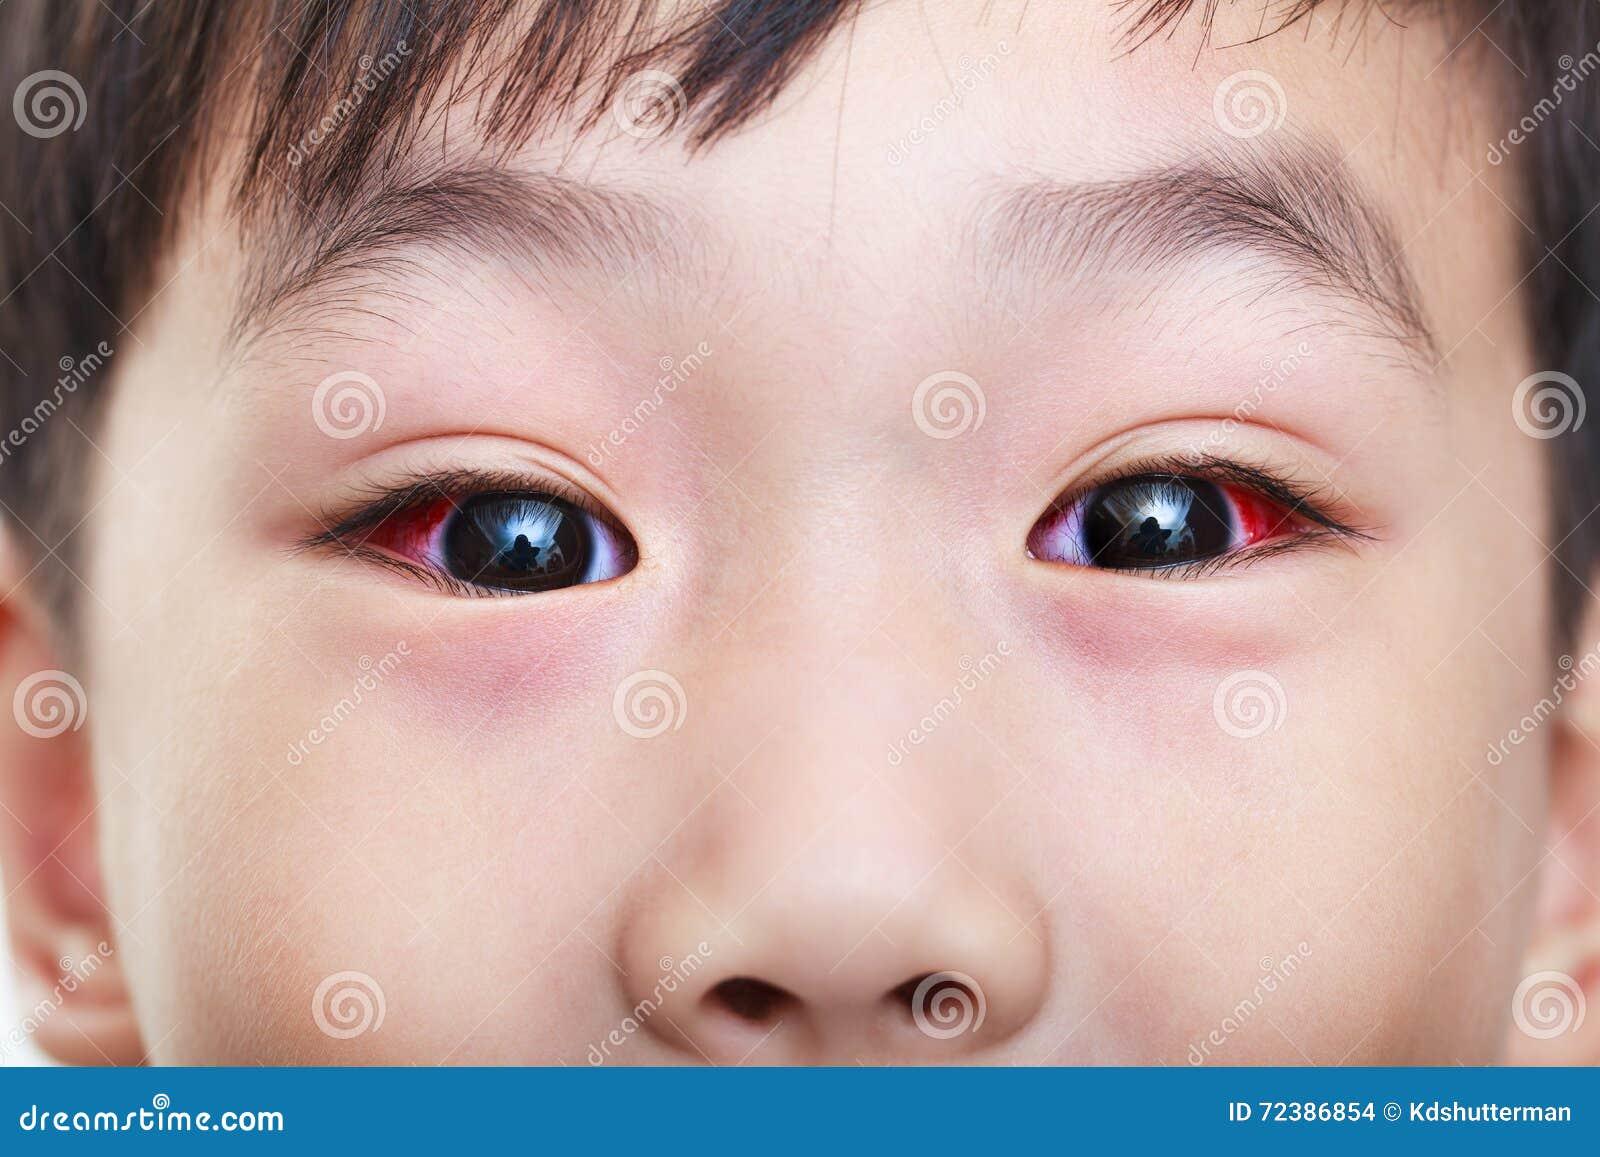 Close-up van chronische bindvliesontsteking met een rode iris